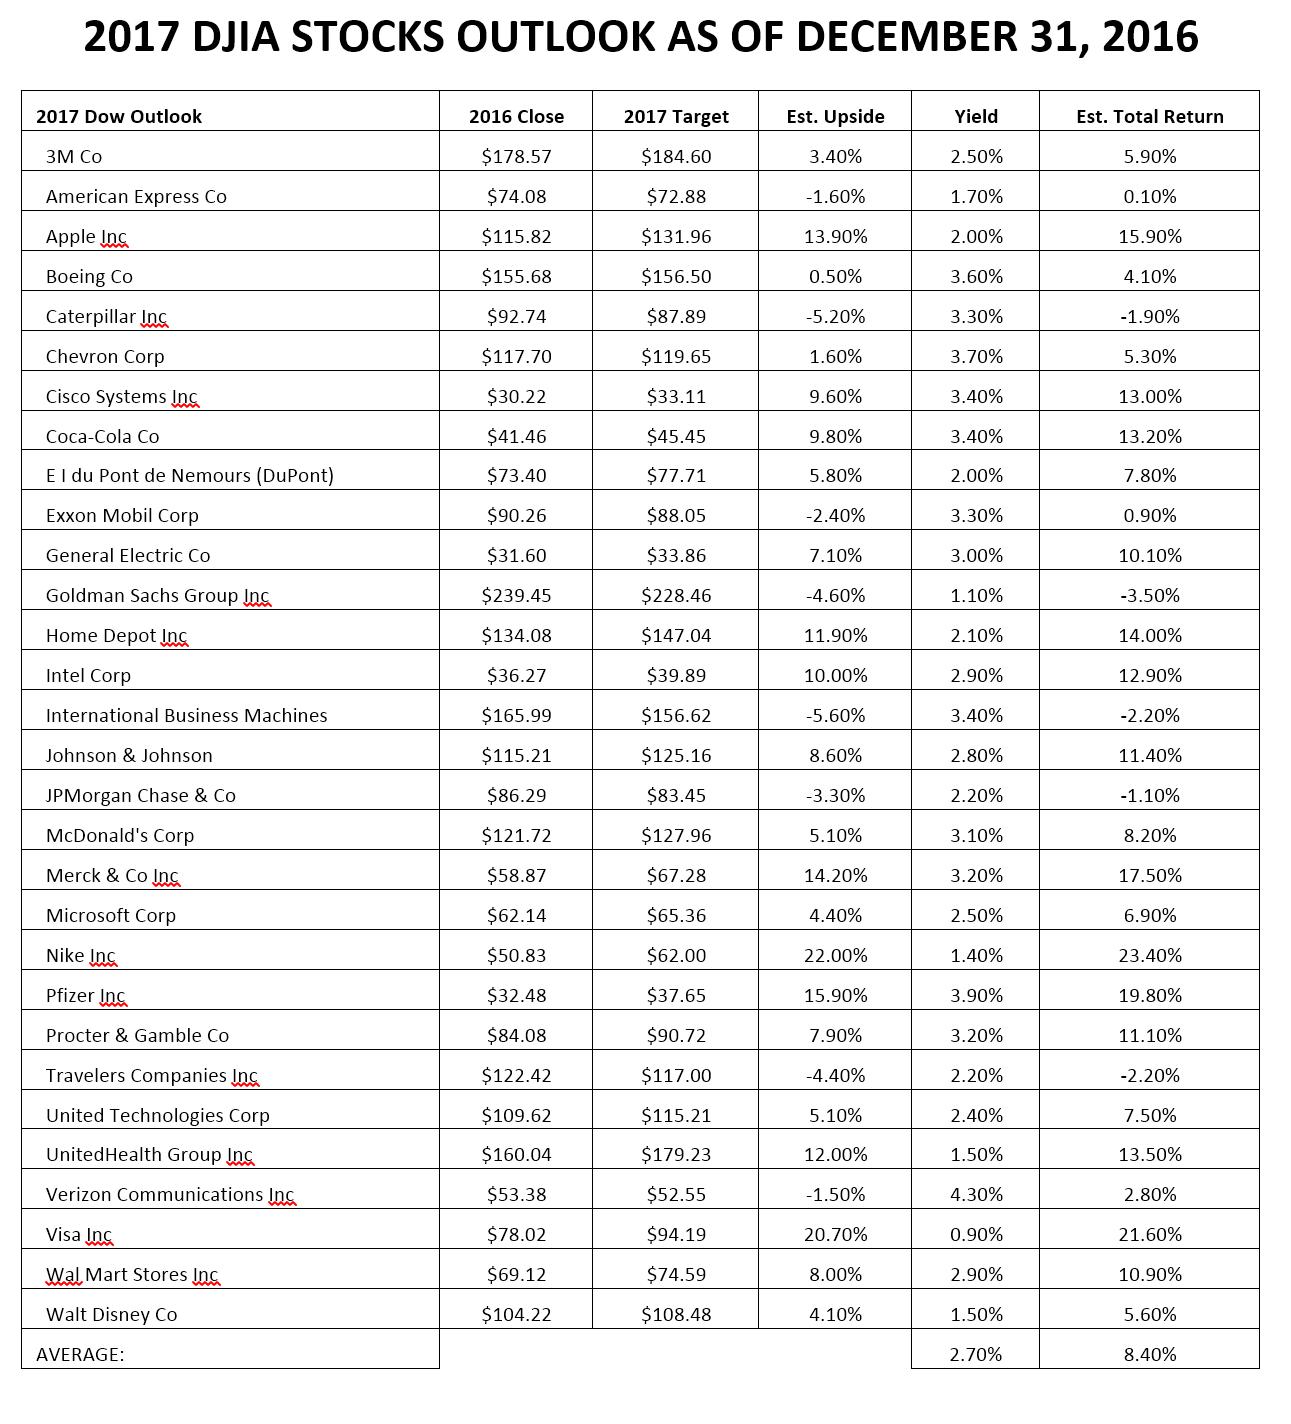 djia-2017-forecast